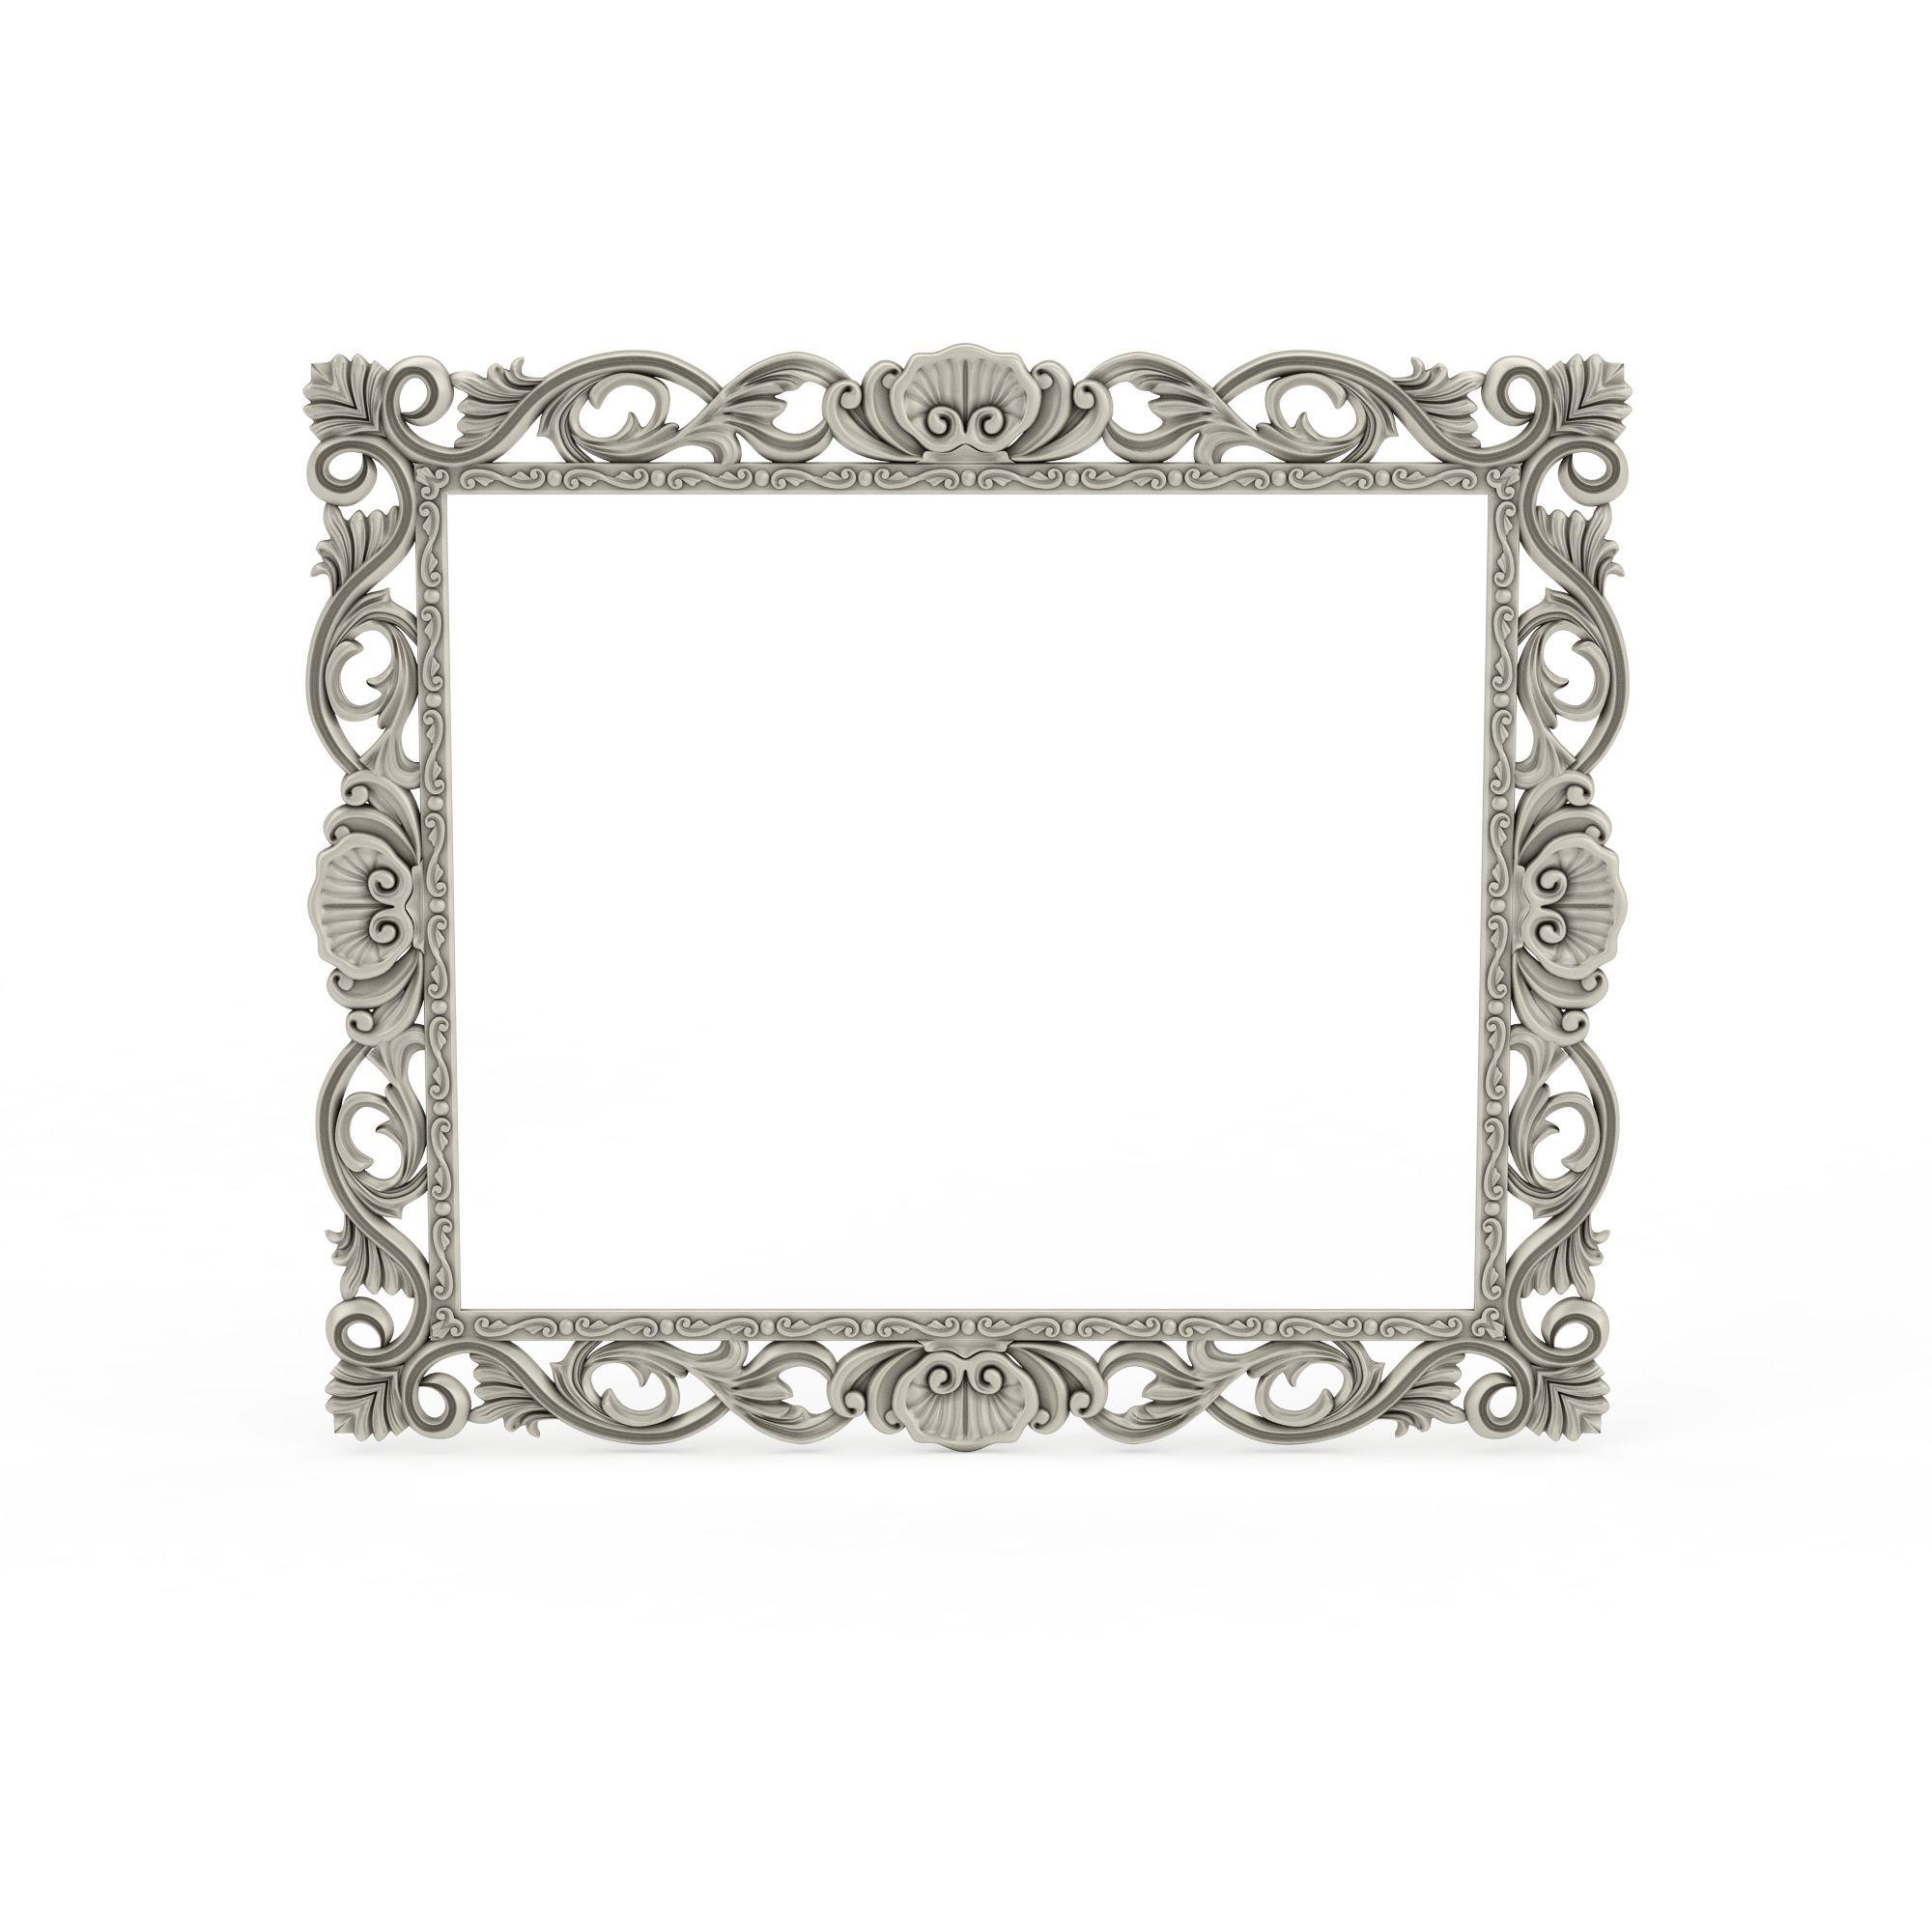 ppt 背景 背景图片 边框 家具 镜子 模板 设计 梳妆台 相框 2000_2000